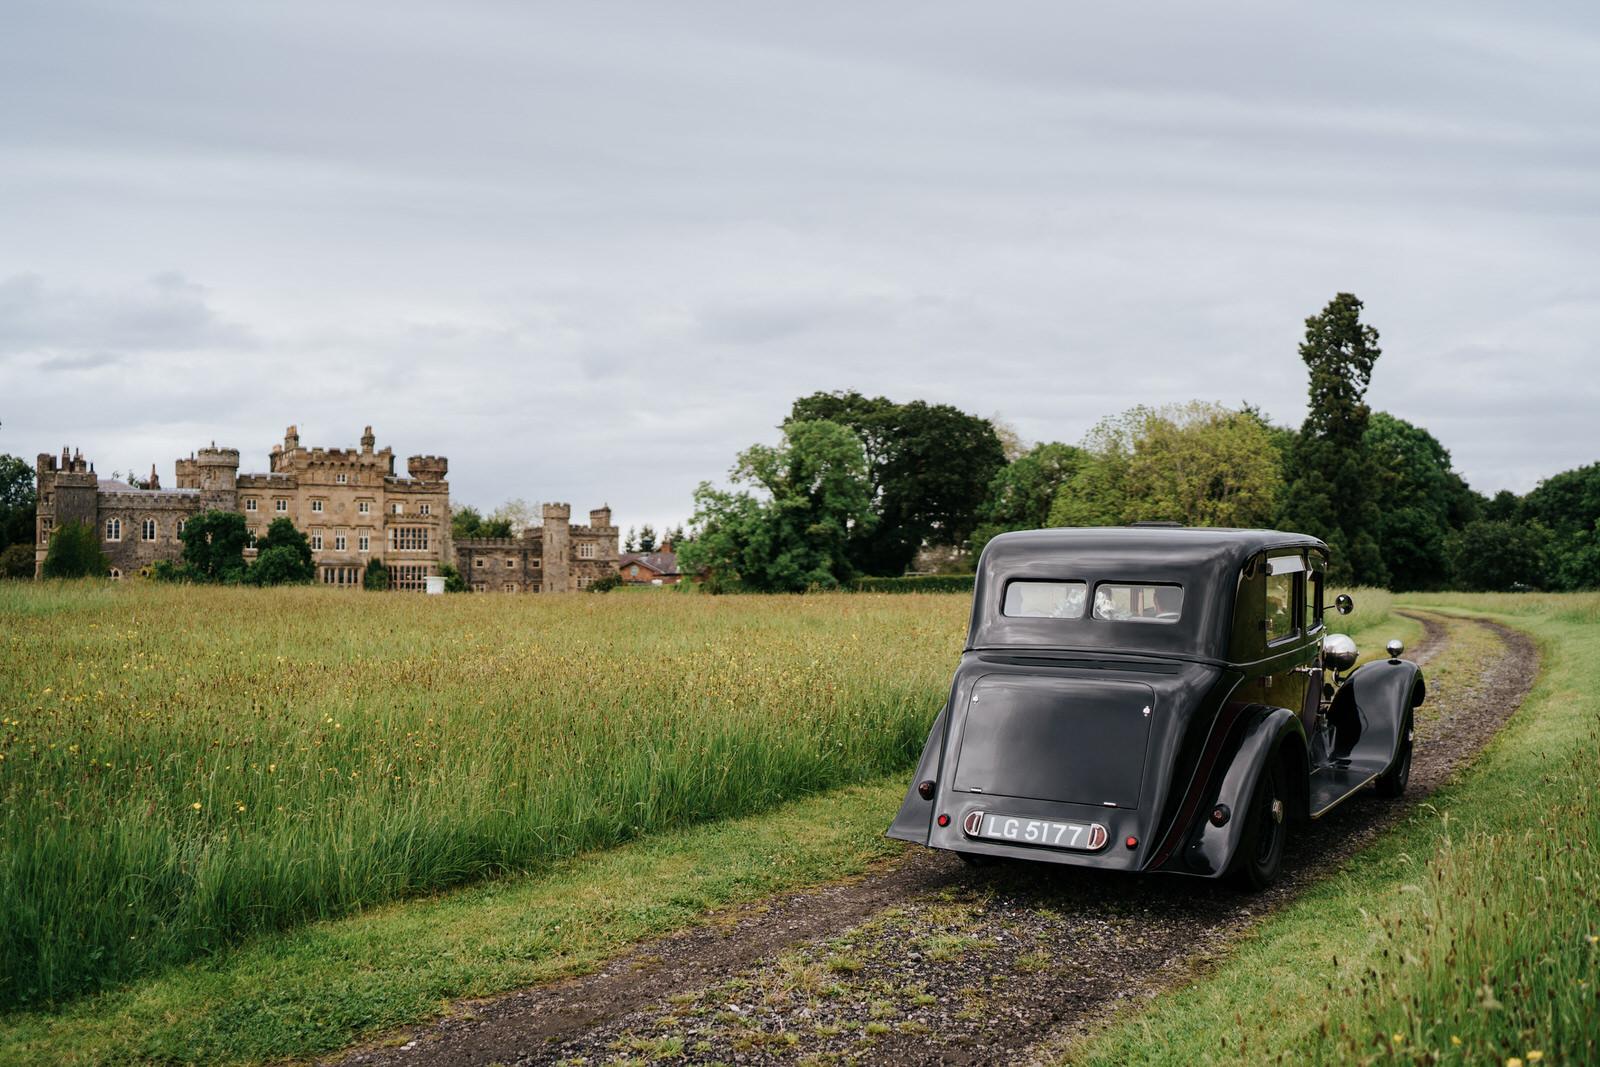 Bride and groom drive towards Hawarden Castle in beautiful, black vintage car